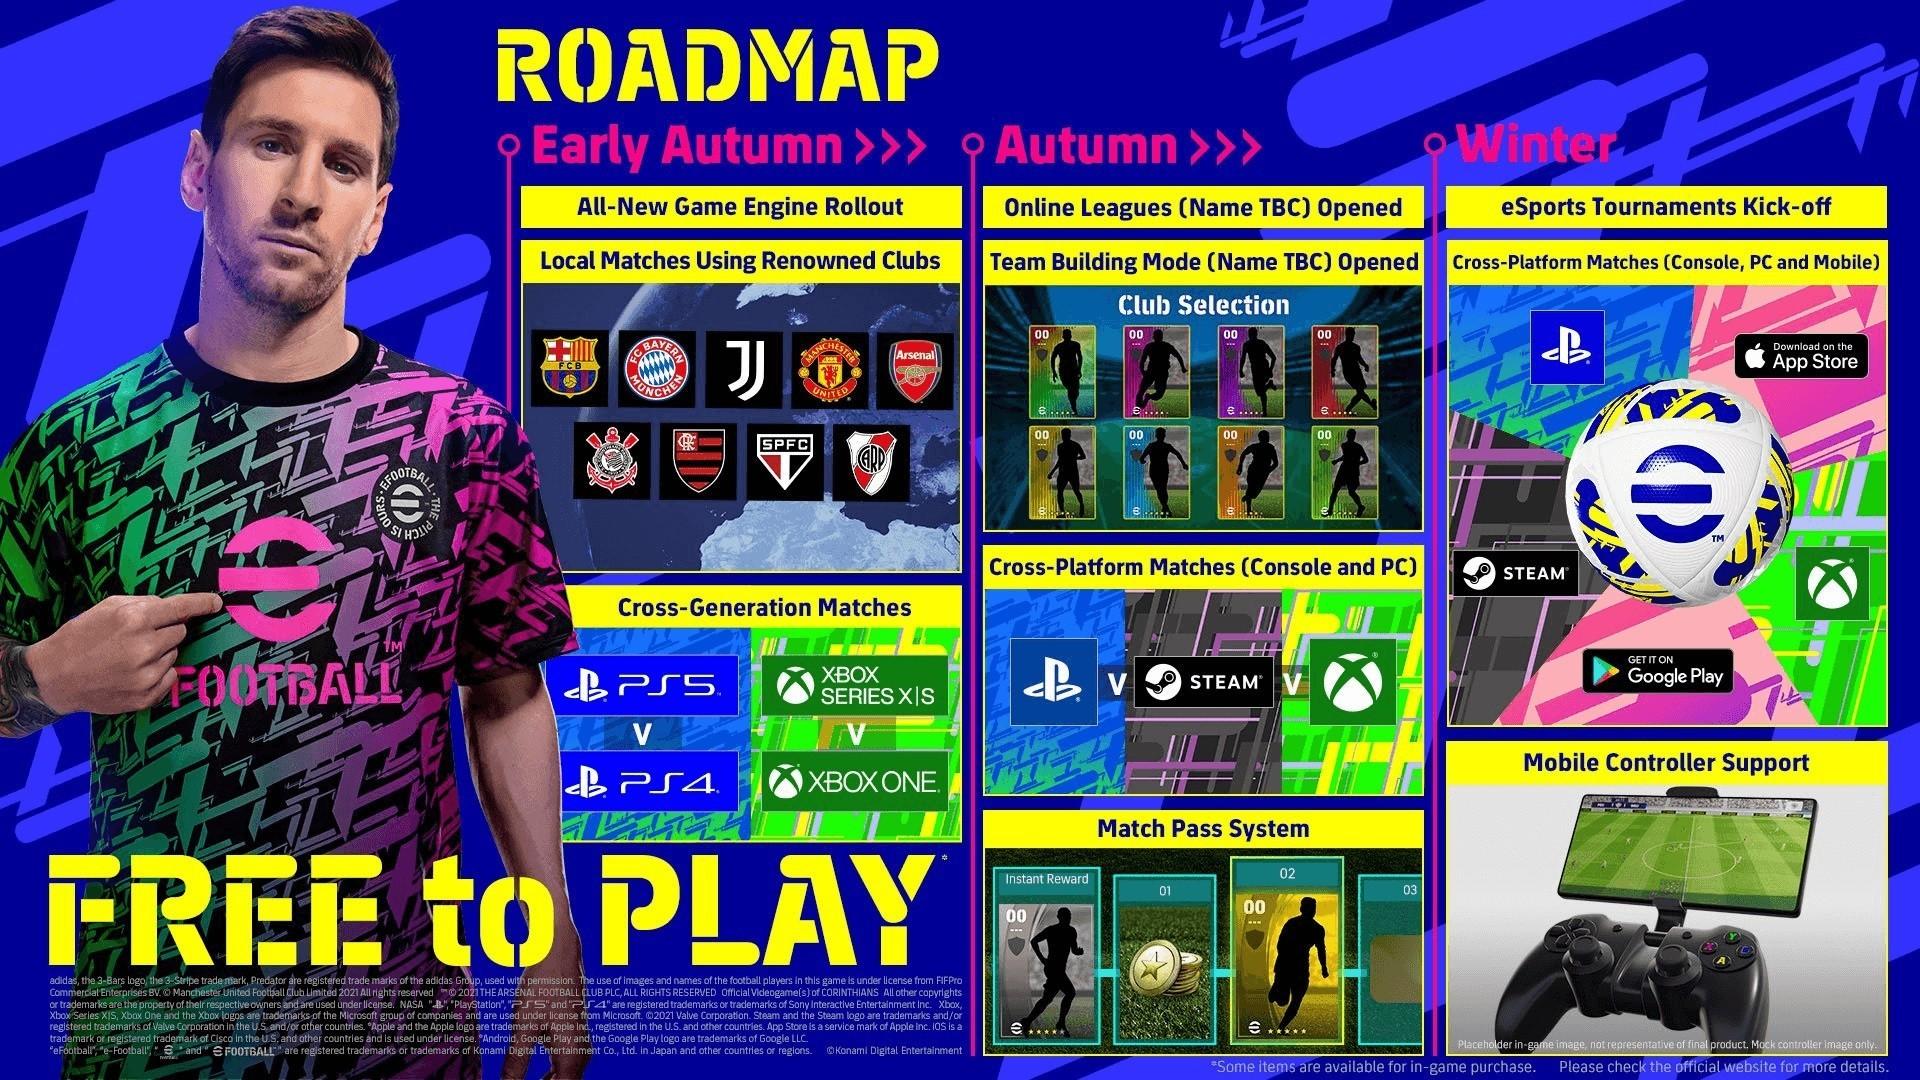 Новый Pro Evolution Soccer будет условнобесплатным в трейлере снялся Месси